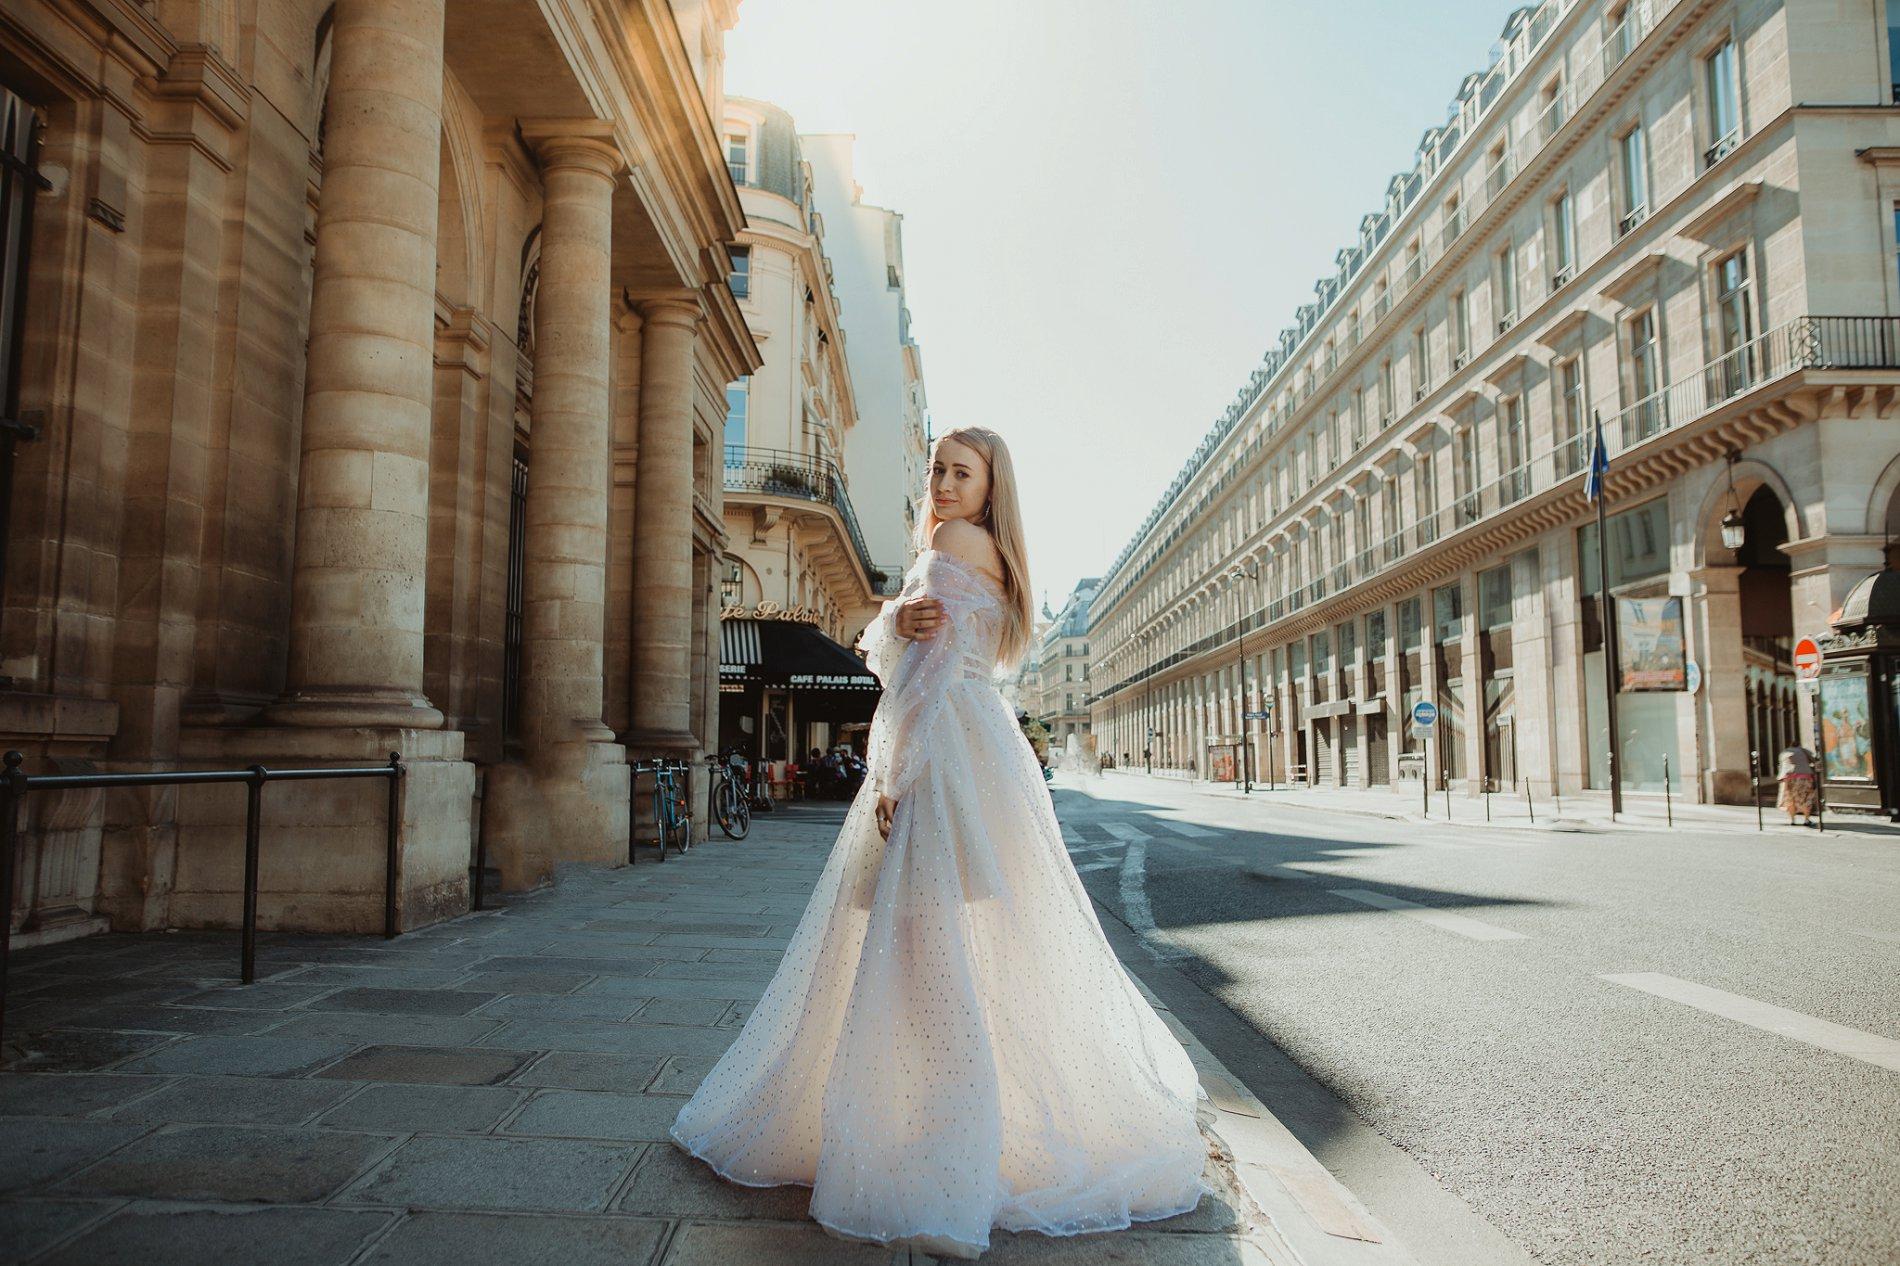 Miss He Bridal Romantic Paris Elopement (c) Xanthe Rowland Photography (20)